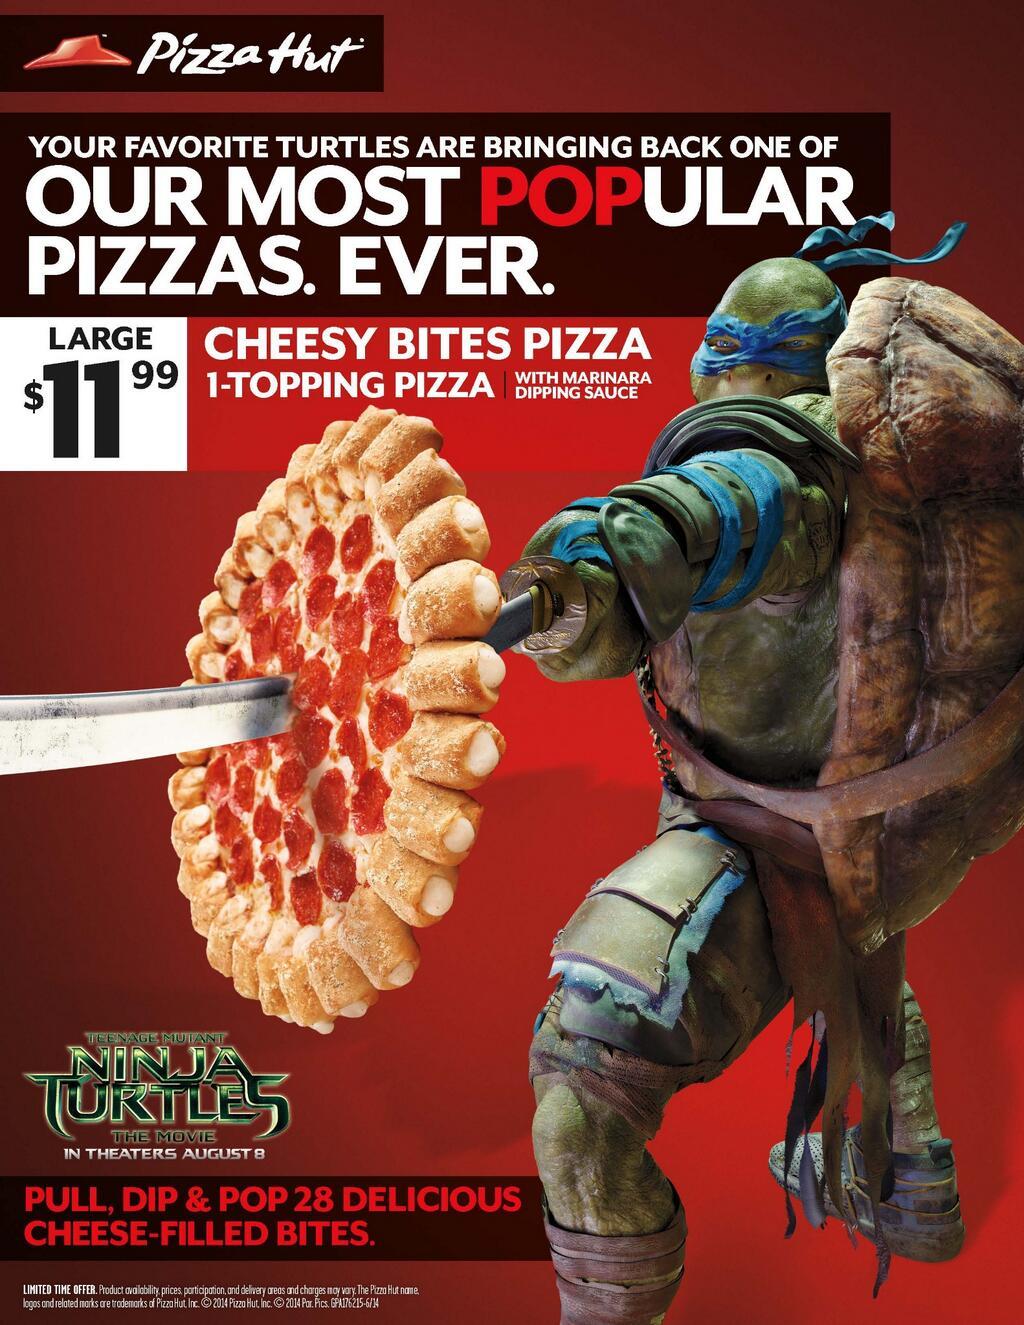 Ninja Turtle Movie 2014 Shredder Pizza Hut Teams with T...